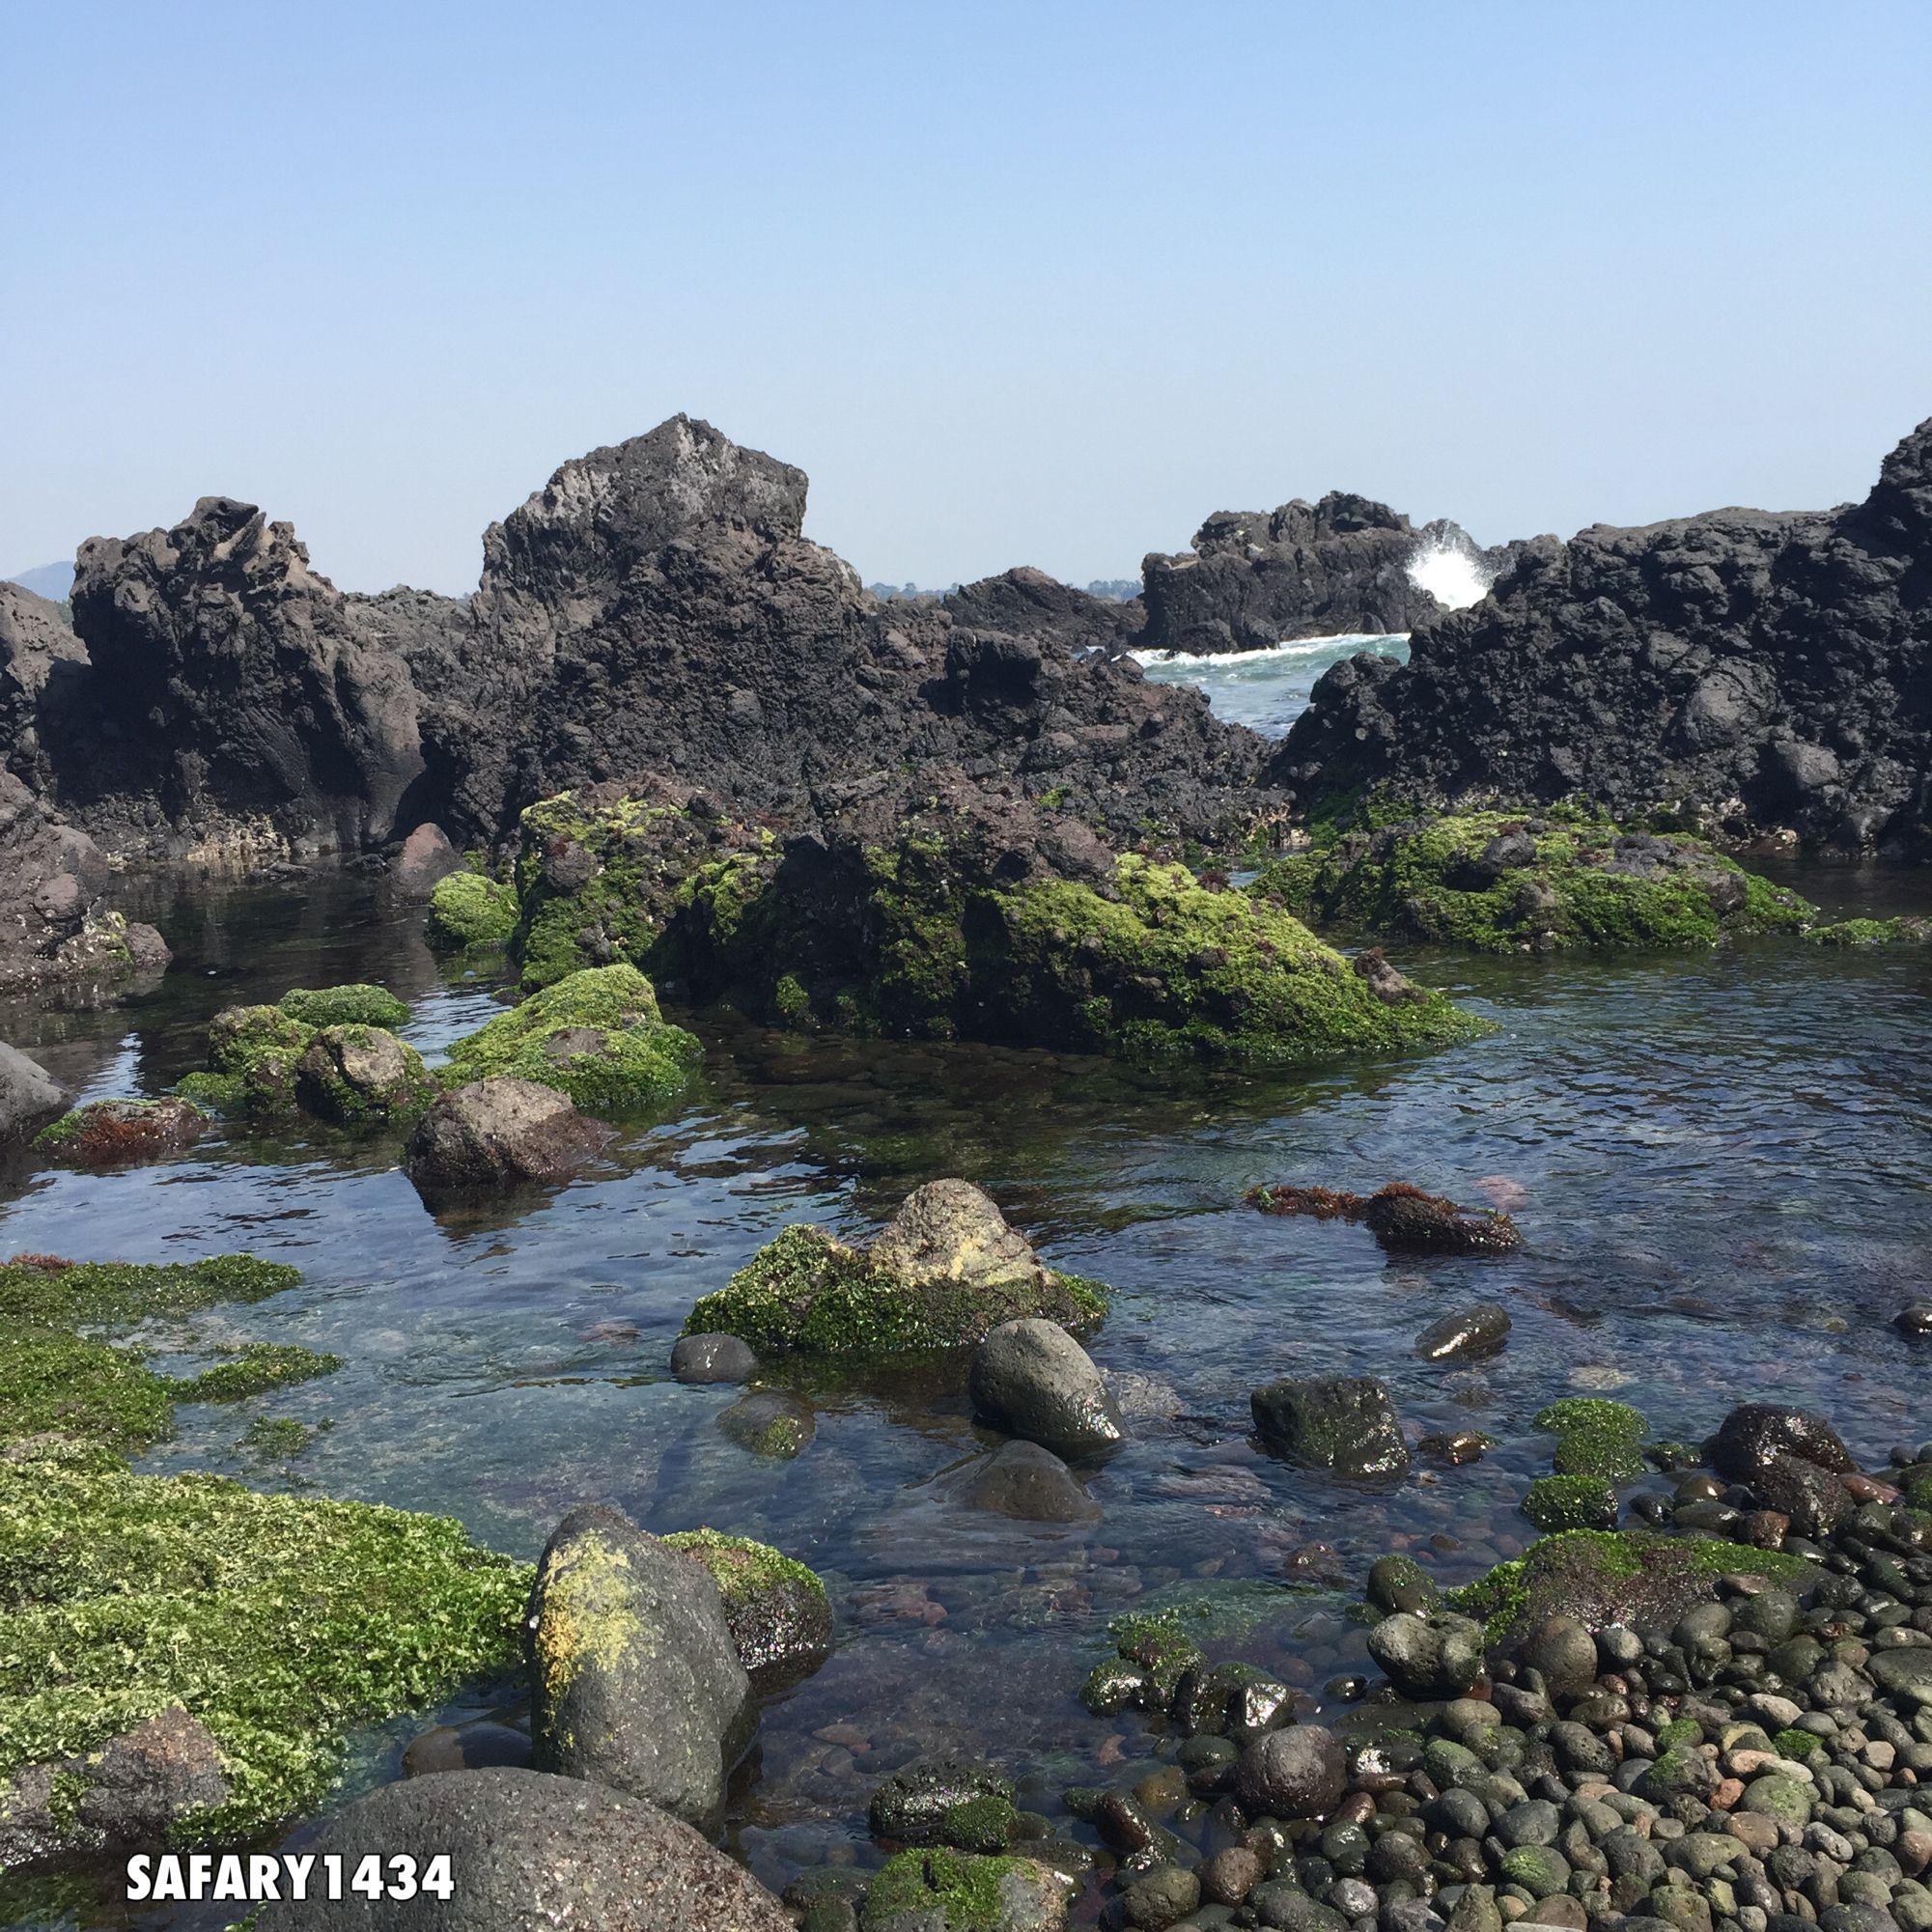 الى متى ننتظر أن يغير واقعنا شخصا ما أو معجزة ما كفانا اوهاما لان يتغير شىء مالم تكن إرادة التغيير بداخلنا تصويري للصخور البركانية Water Outdoor River